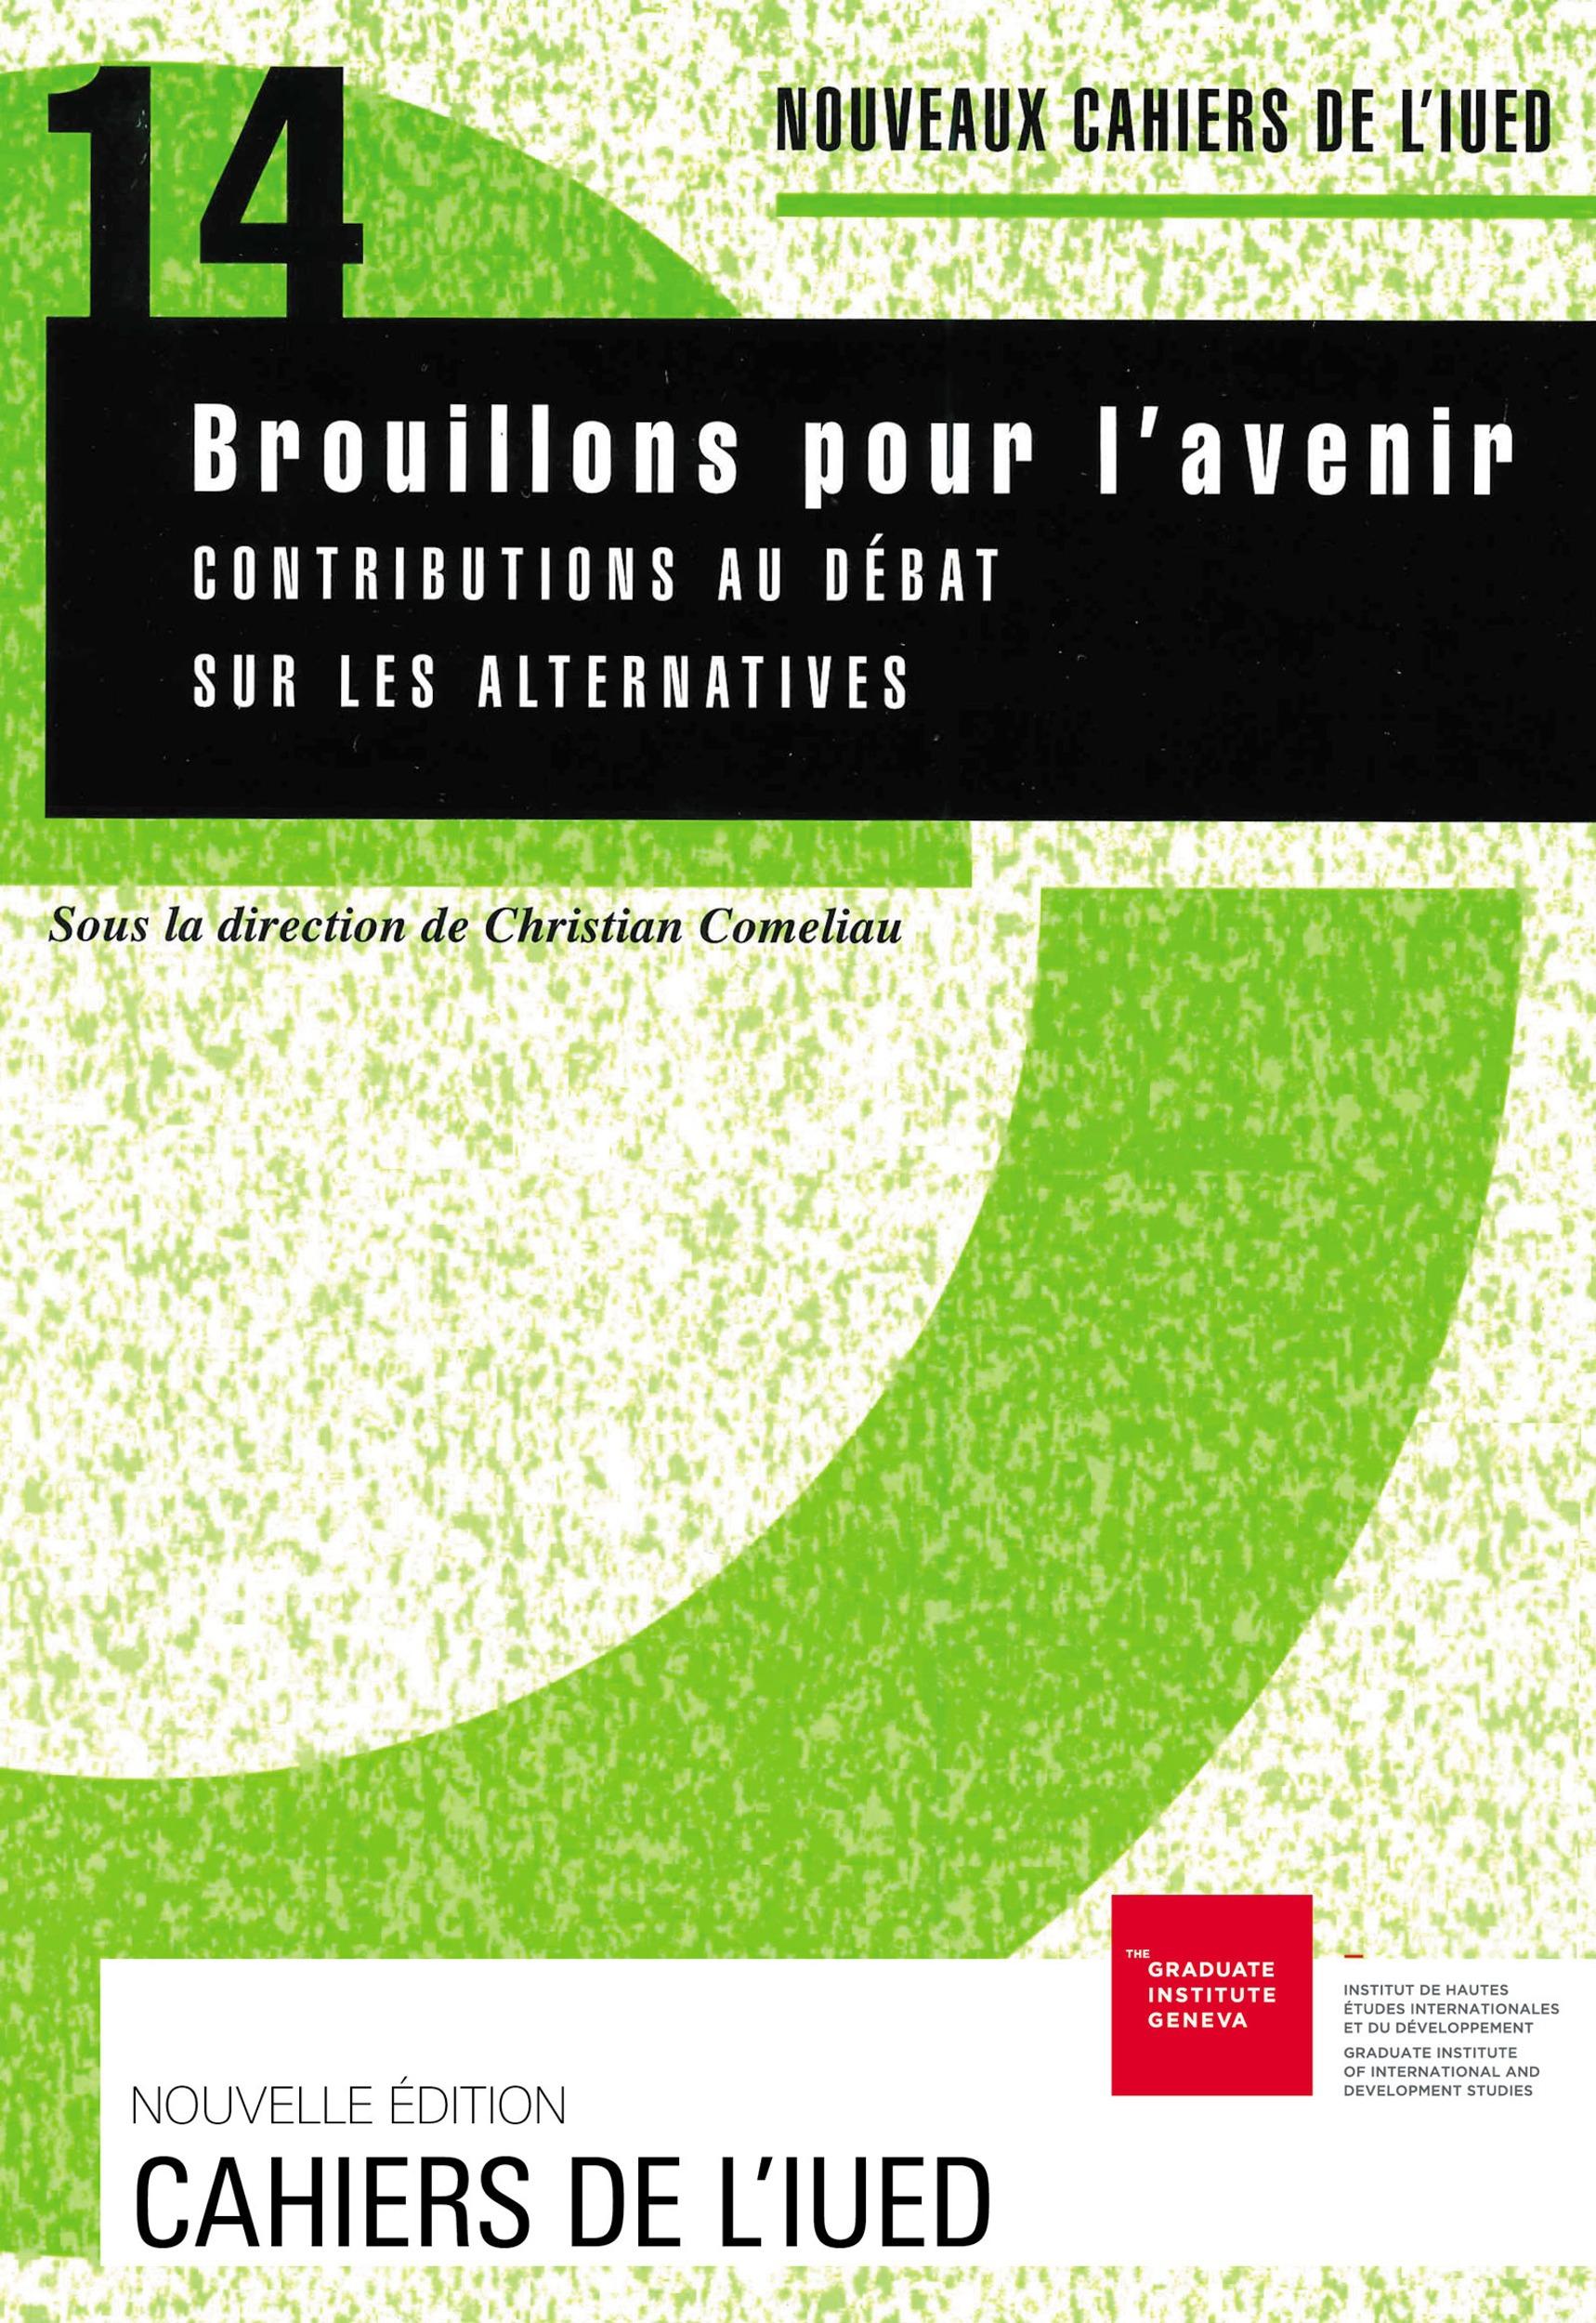 ENJEUX ; NOUVEAUX CAHIERS DE L'IUED ; BROUILLONS POUR L'AVENIR ; CONTRIBUTIONS AU DEBAT SUR LES ALTERNATIVES